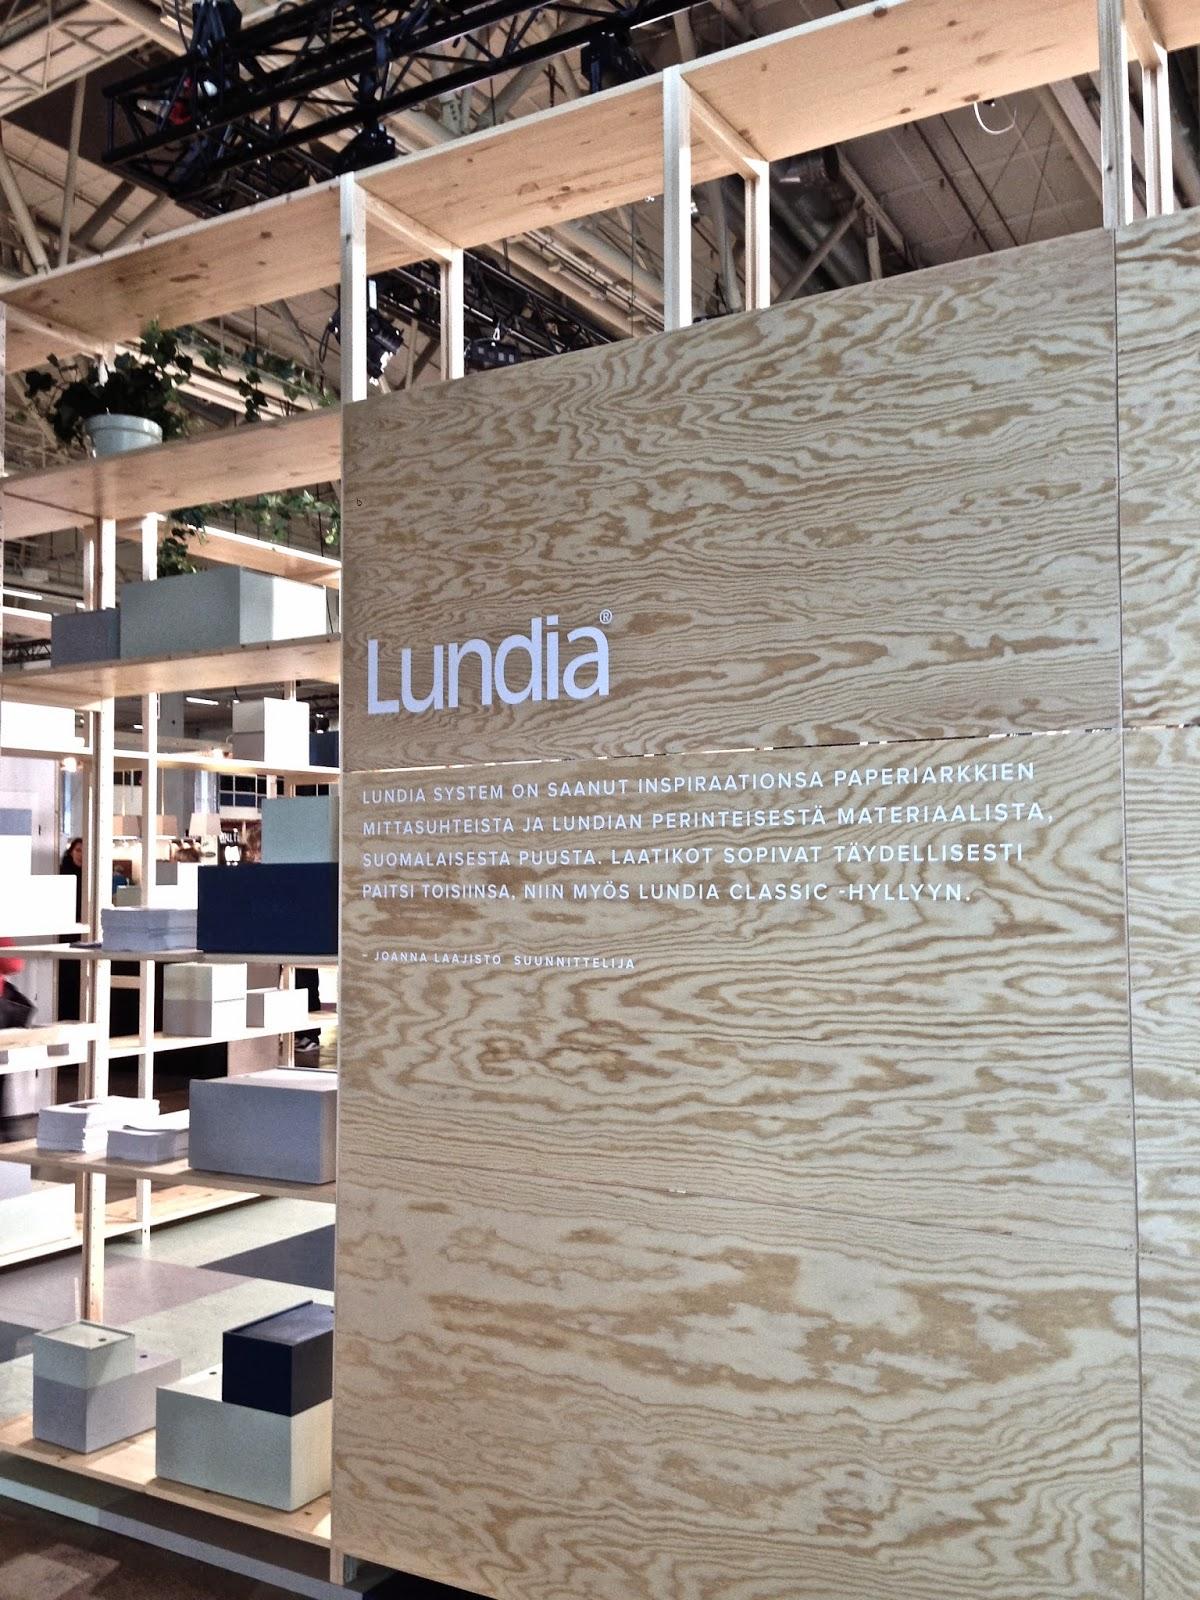 Habitare, 2014, Lundiasystem, Lundia